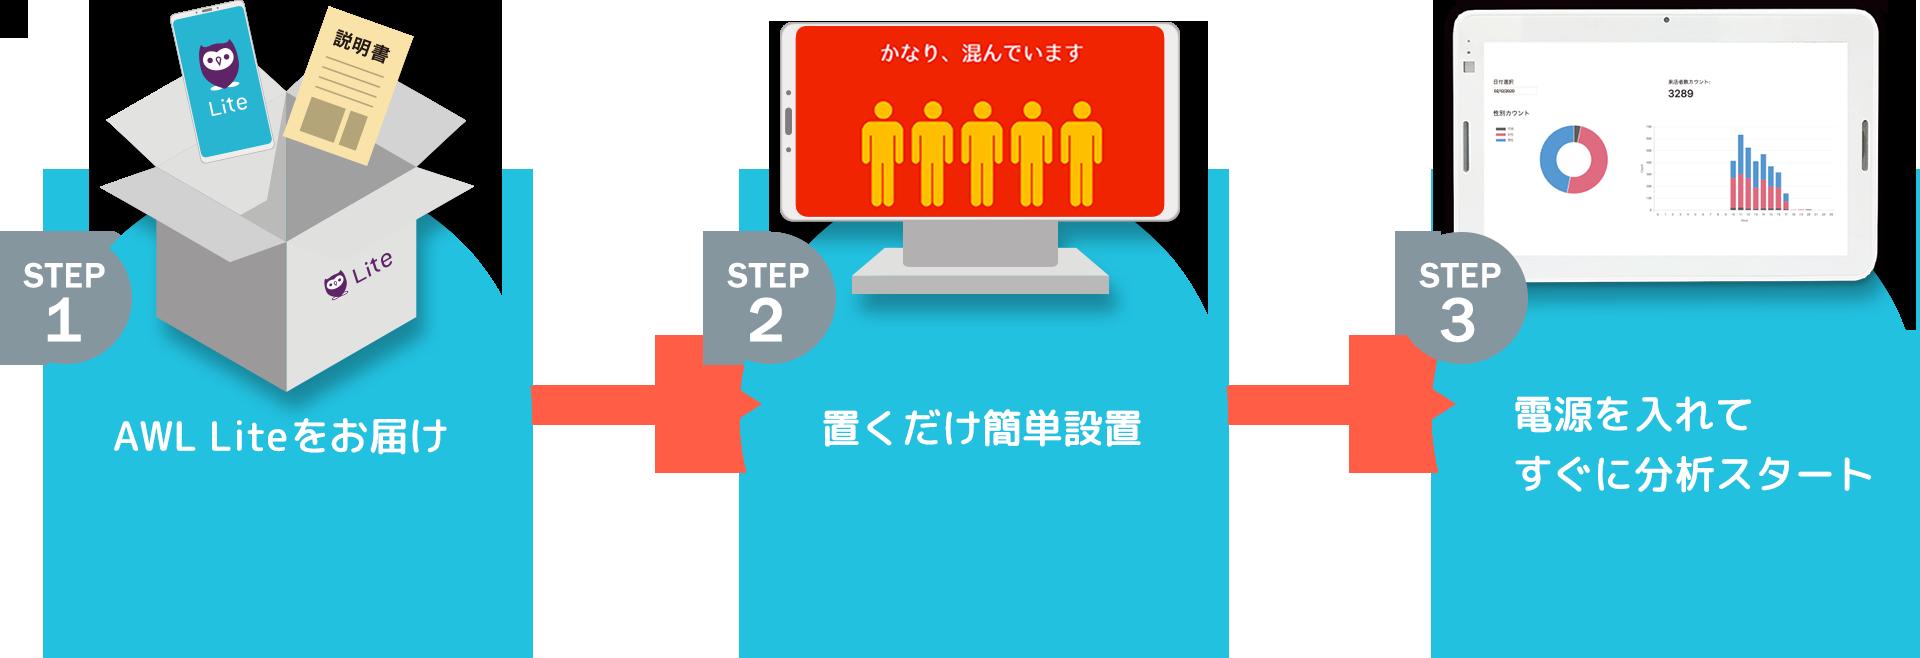 STEP1 店舗にAWL Liteをお届け STEP2 置くだけ簡単設置 STEP3 電源を入れてすぐに分析スタート